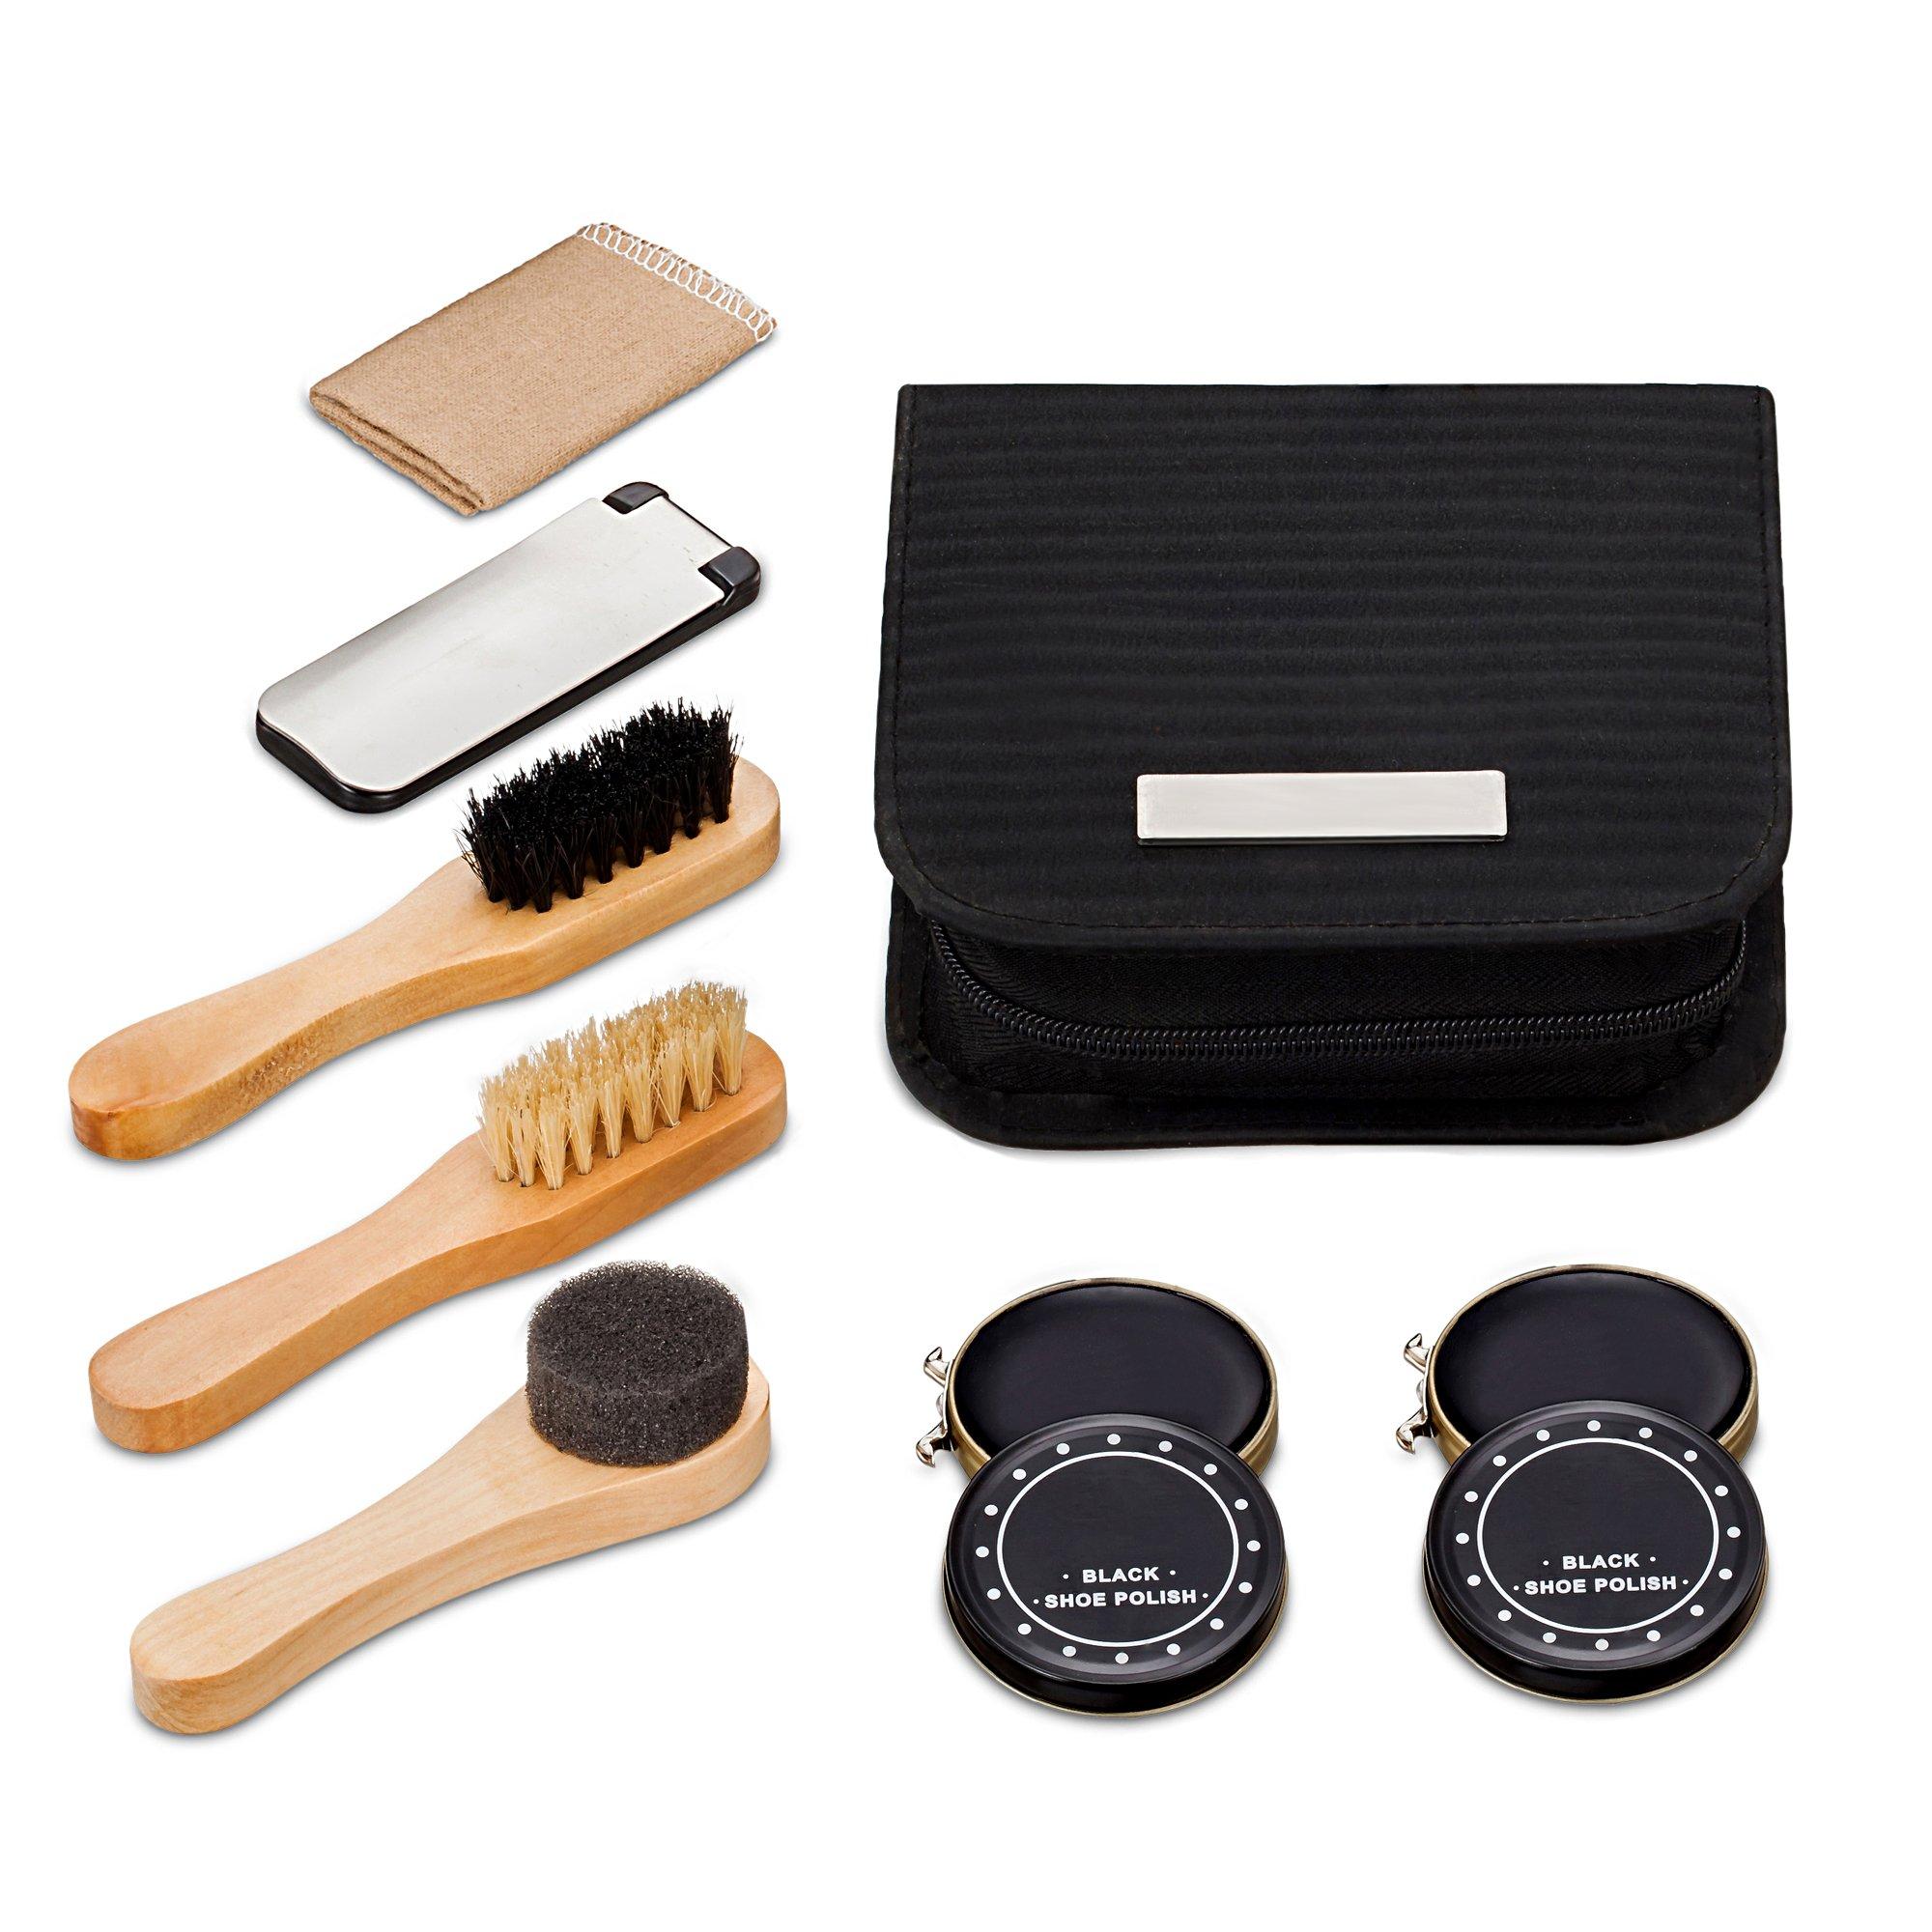 chuanyuekeji Shoe Shine Kit & Shoe Care Valet with PU Leather Sleek Elegant Case, 7-Piece Travel Shoe Shine Brush kit (Black) by chuanyuekeji (Image #4)